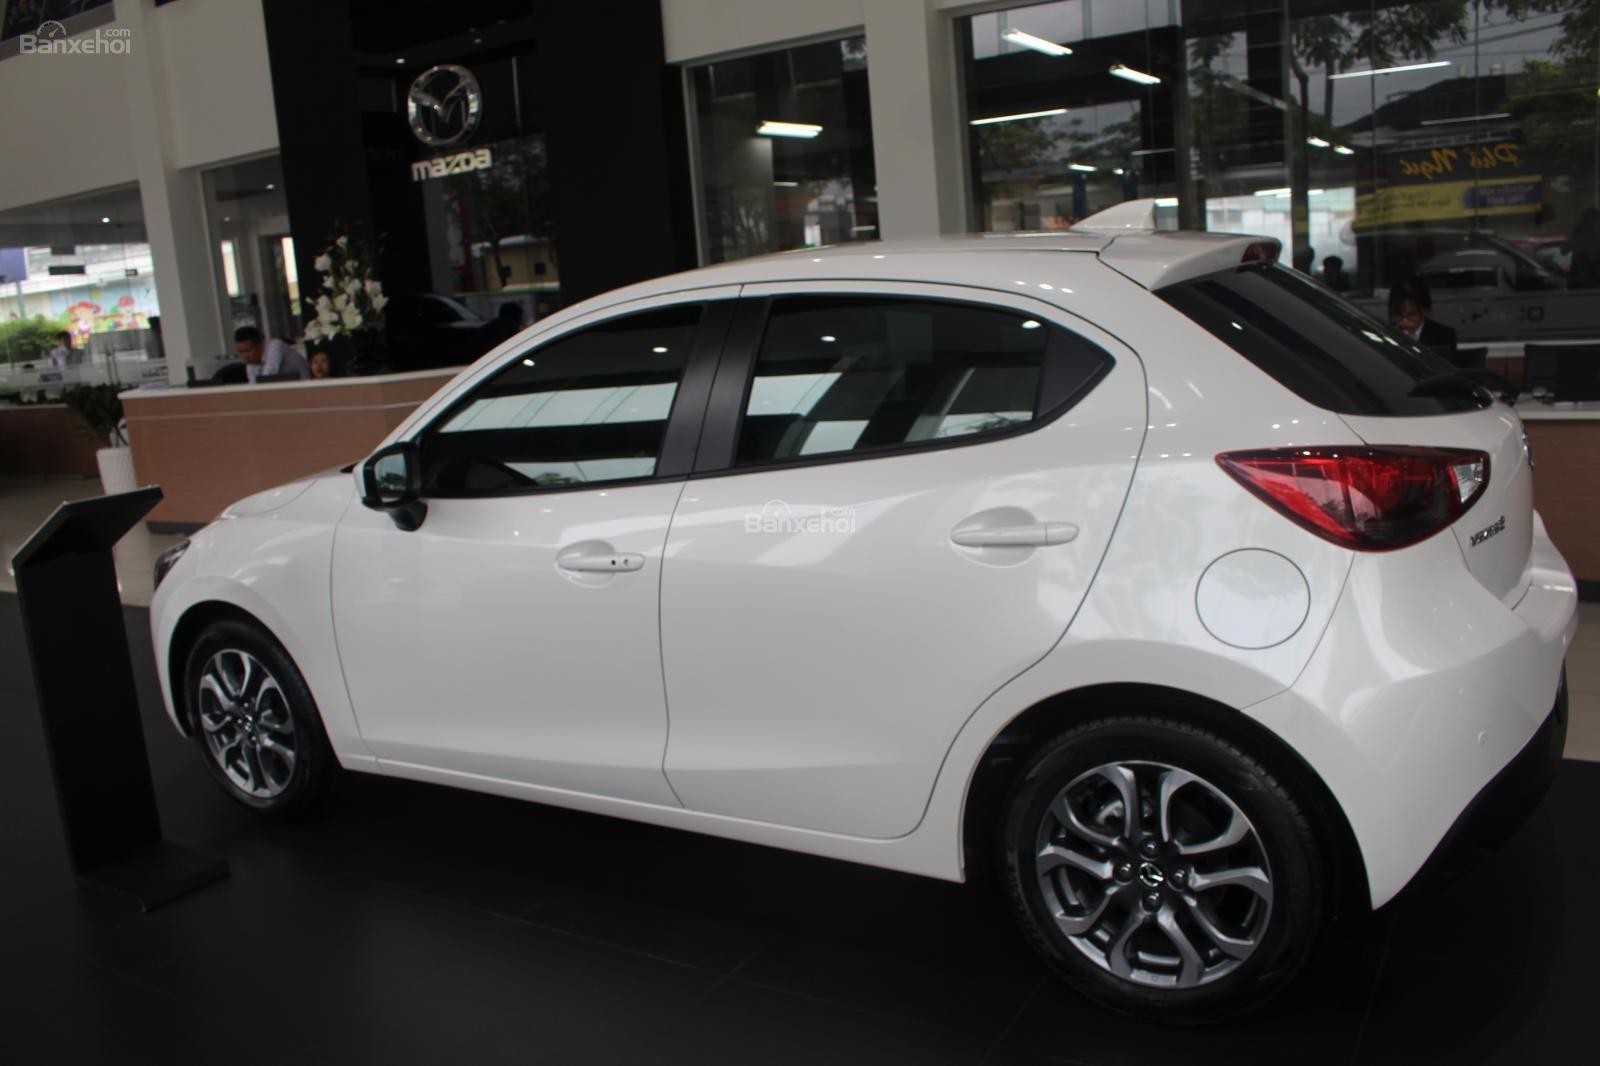 {Mazda Bình Triệu} Mazda 2 1.5 AT full option, xe nhập Thái - LH 0941 322 979 giá rẻ nhất TP Hồ Chí Minh-1